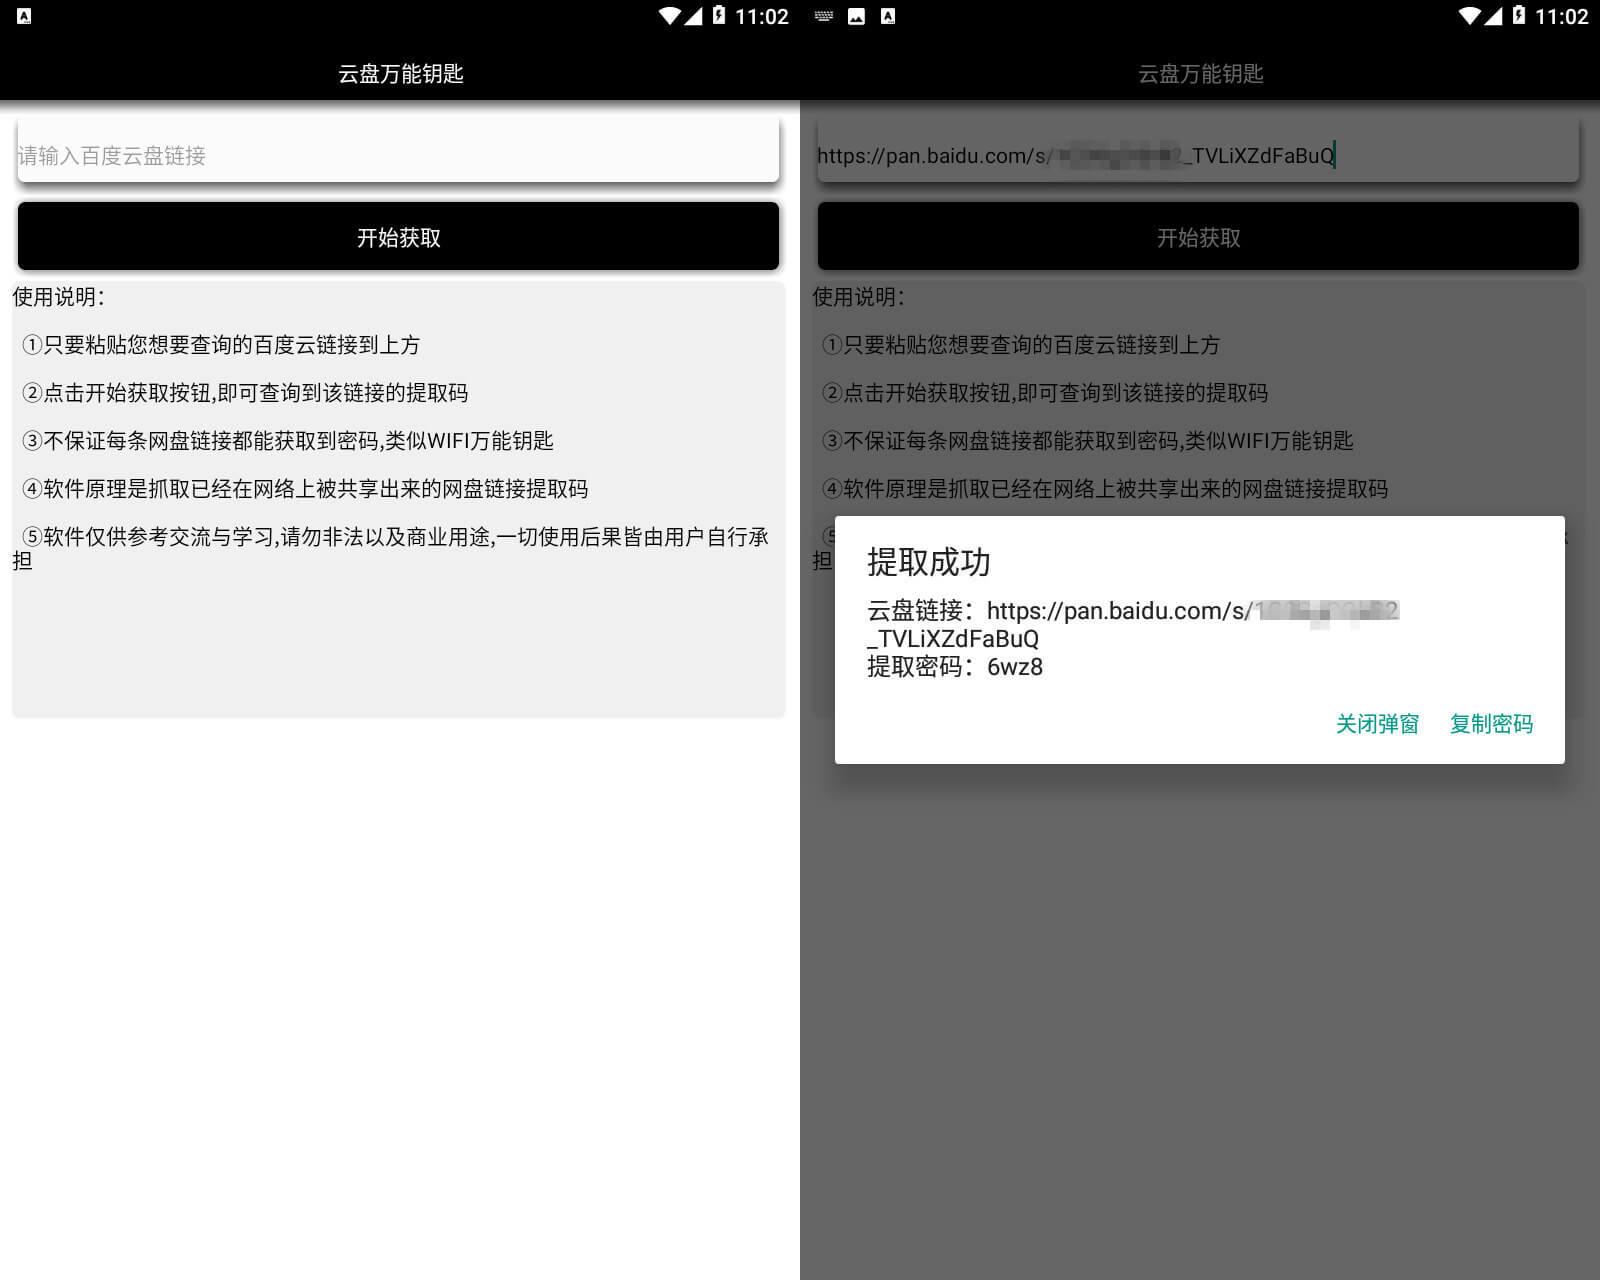 云盘万能钥匙v2.0网盘密码提取